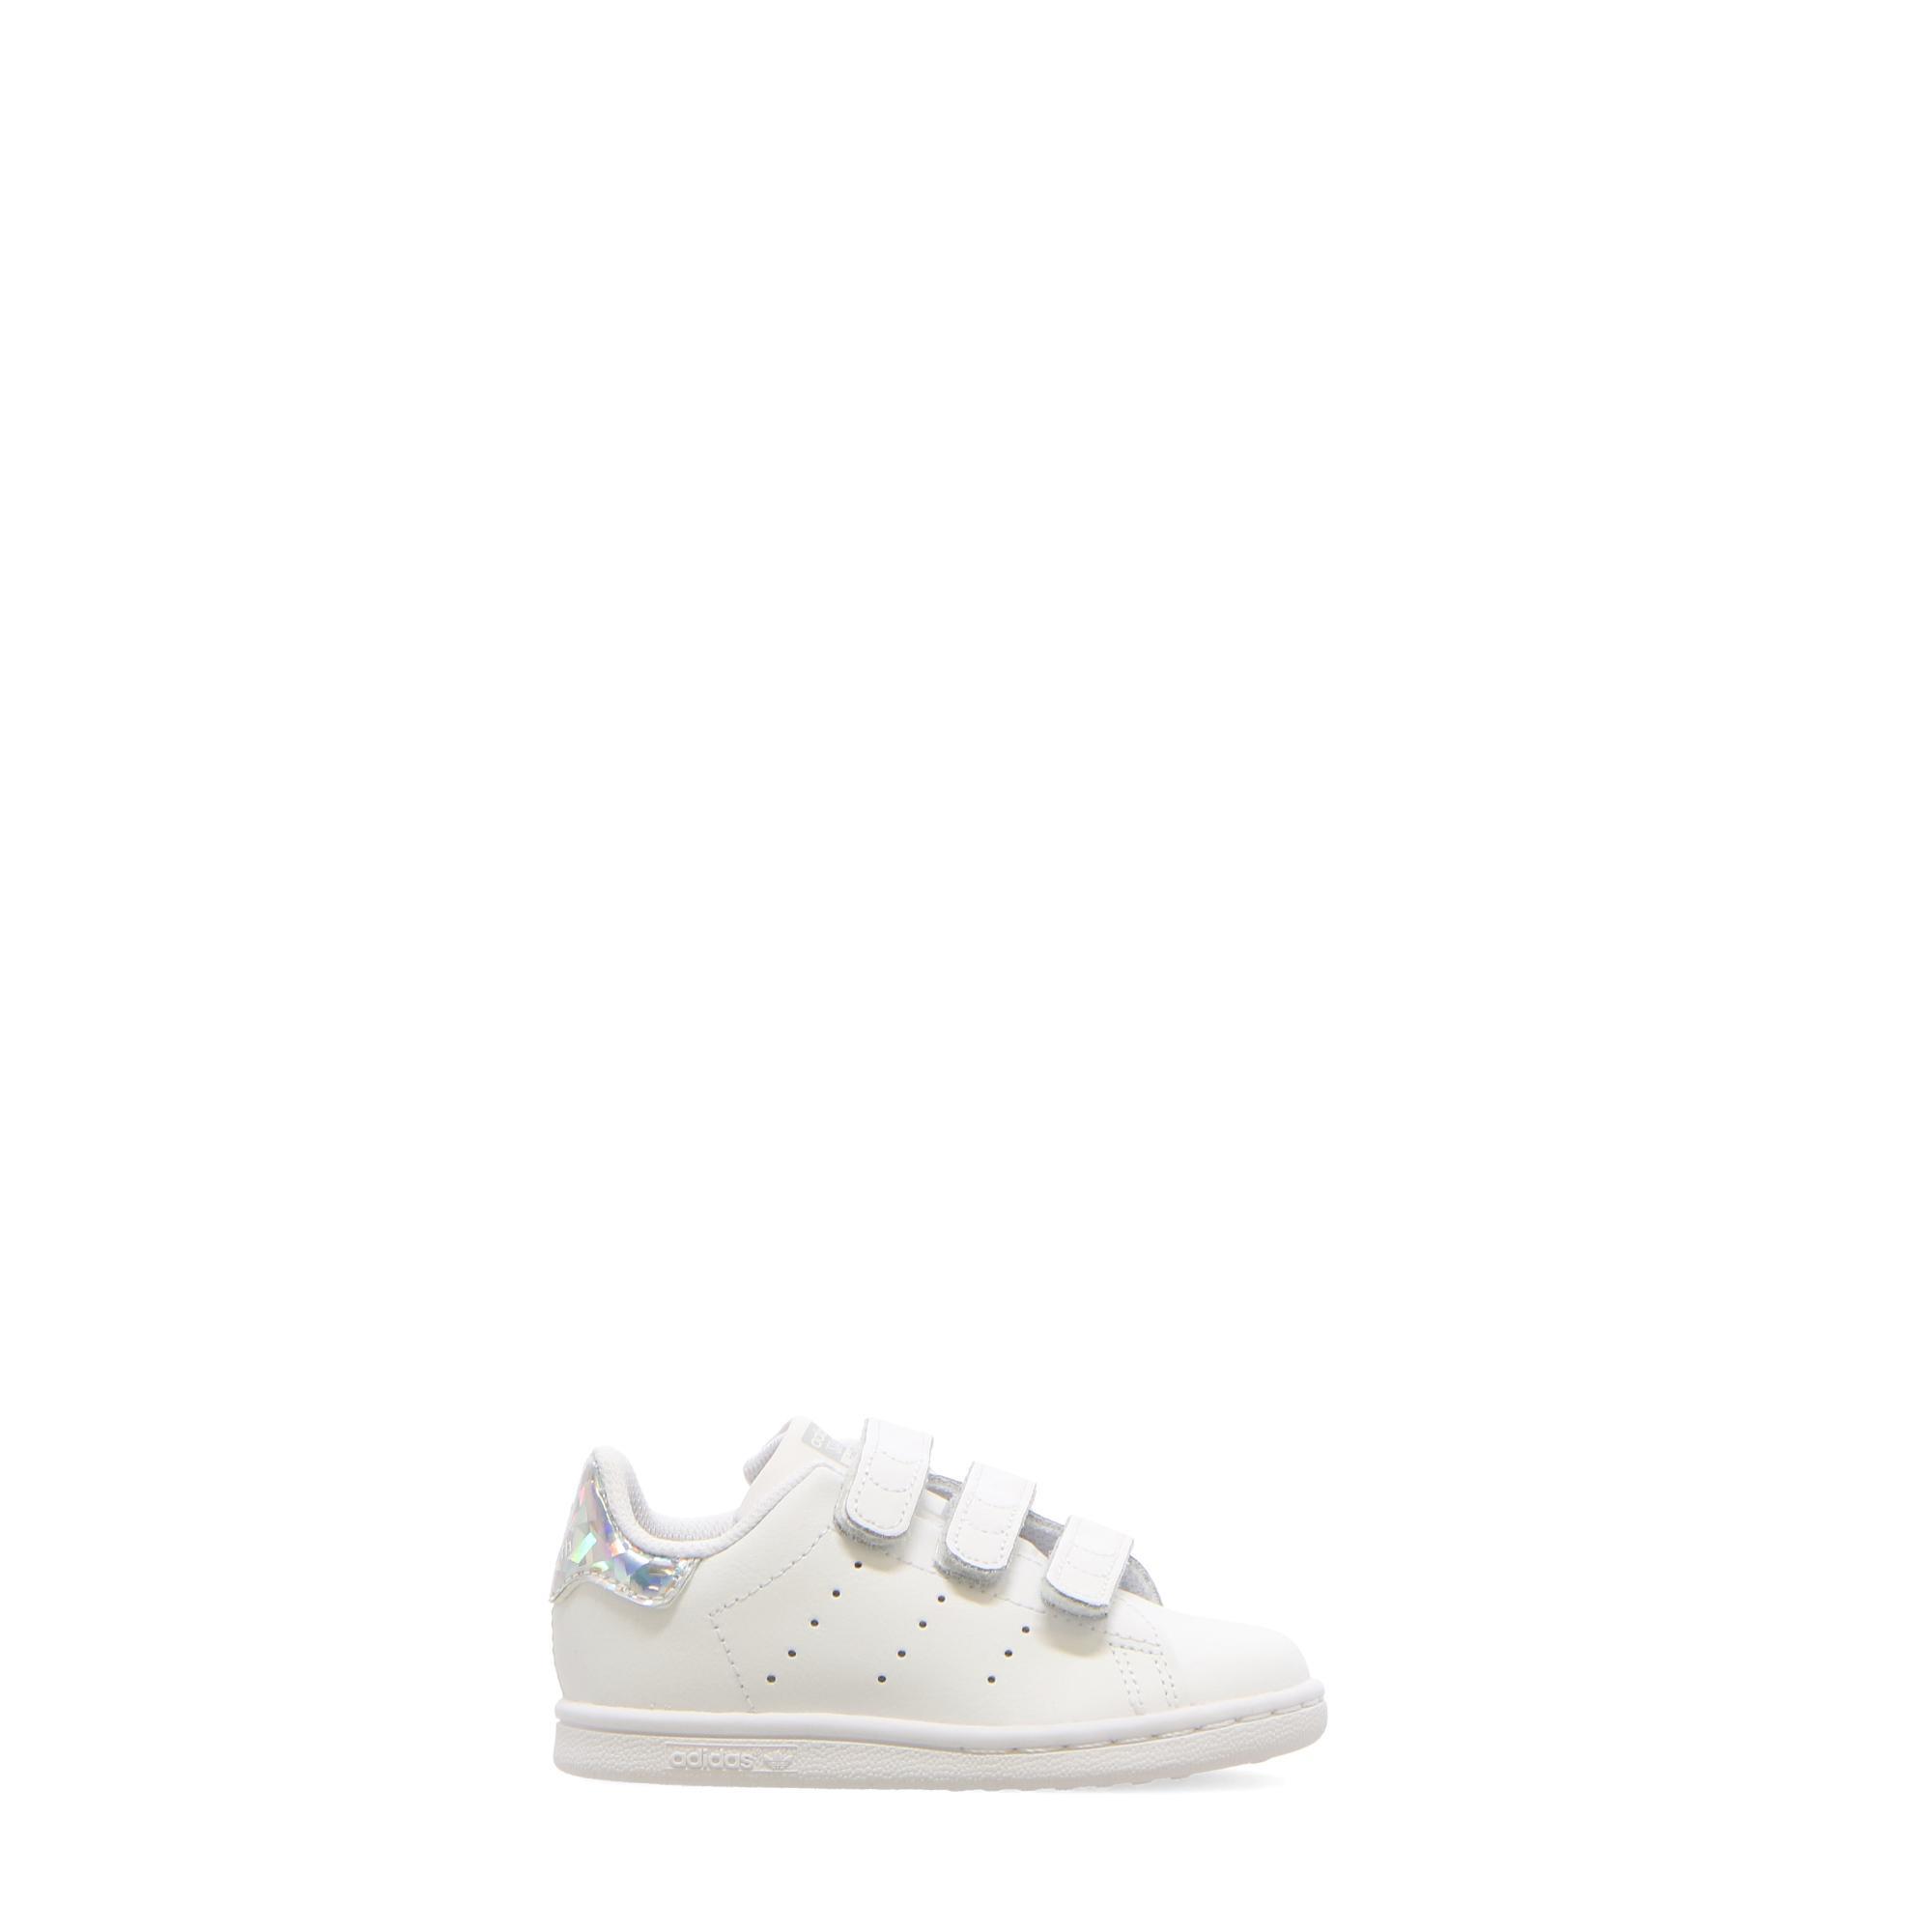 Adidas Stan Smith Cf I White white core black